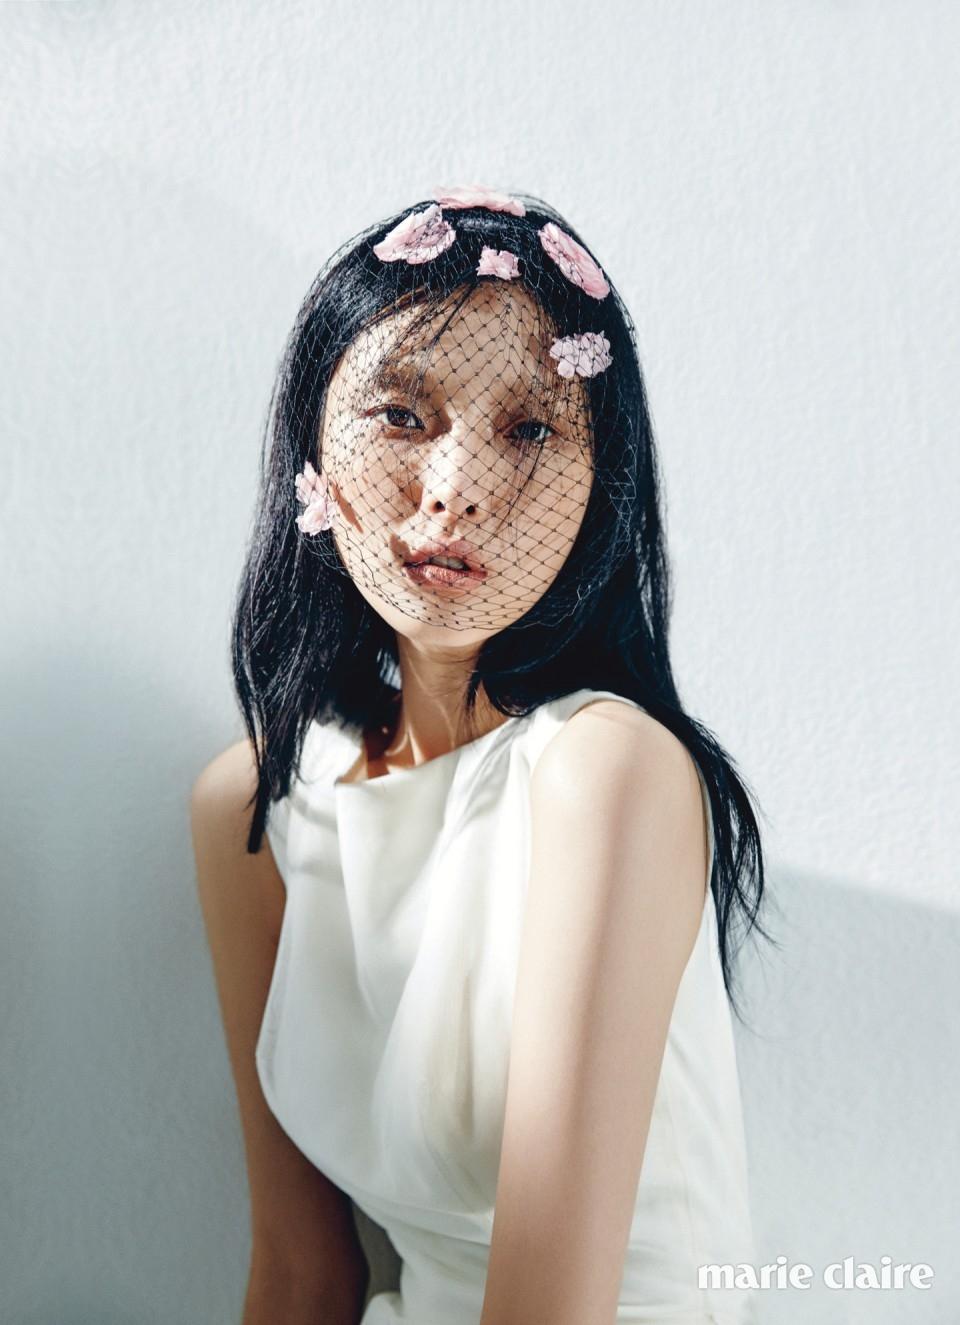 베이식한 디자인의 드레스 이명순 웨딩드레스(Lee Myung Soon Wedding Dress), 꽃 장식 쇼트 베일 디올(Dior).